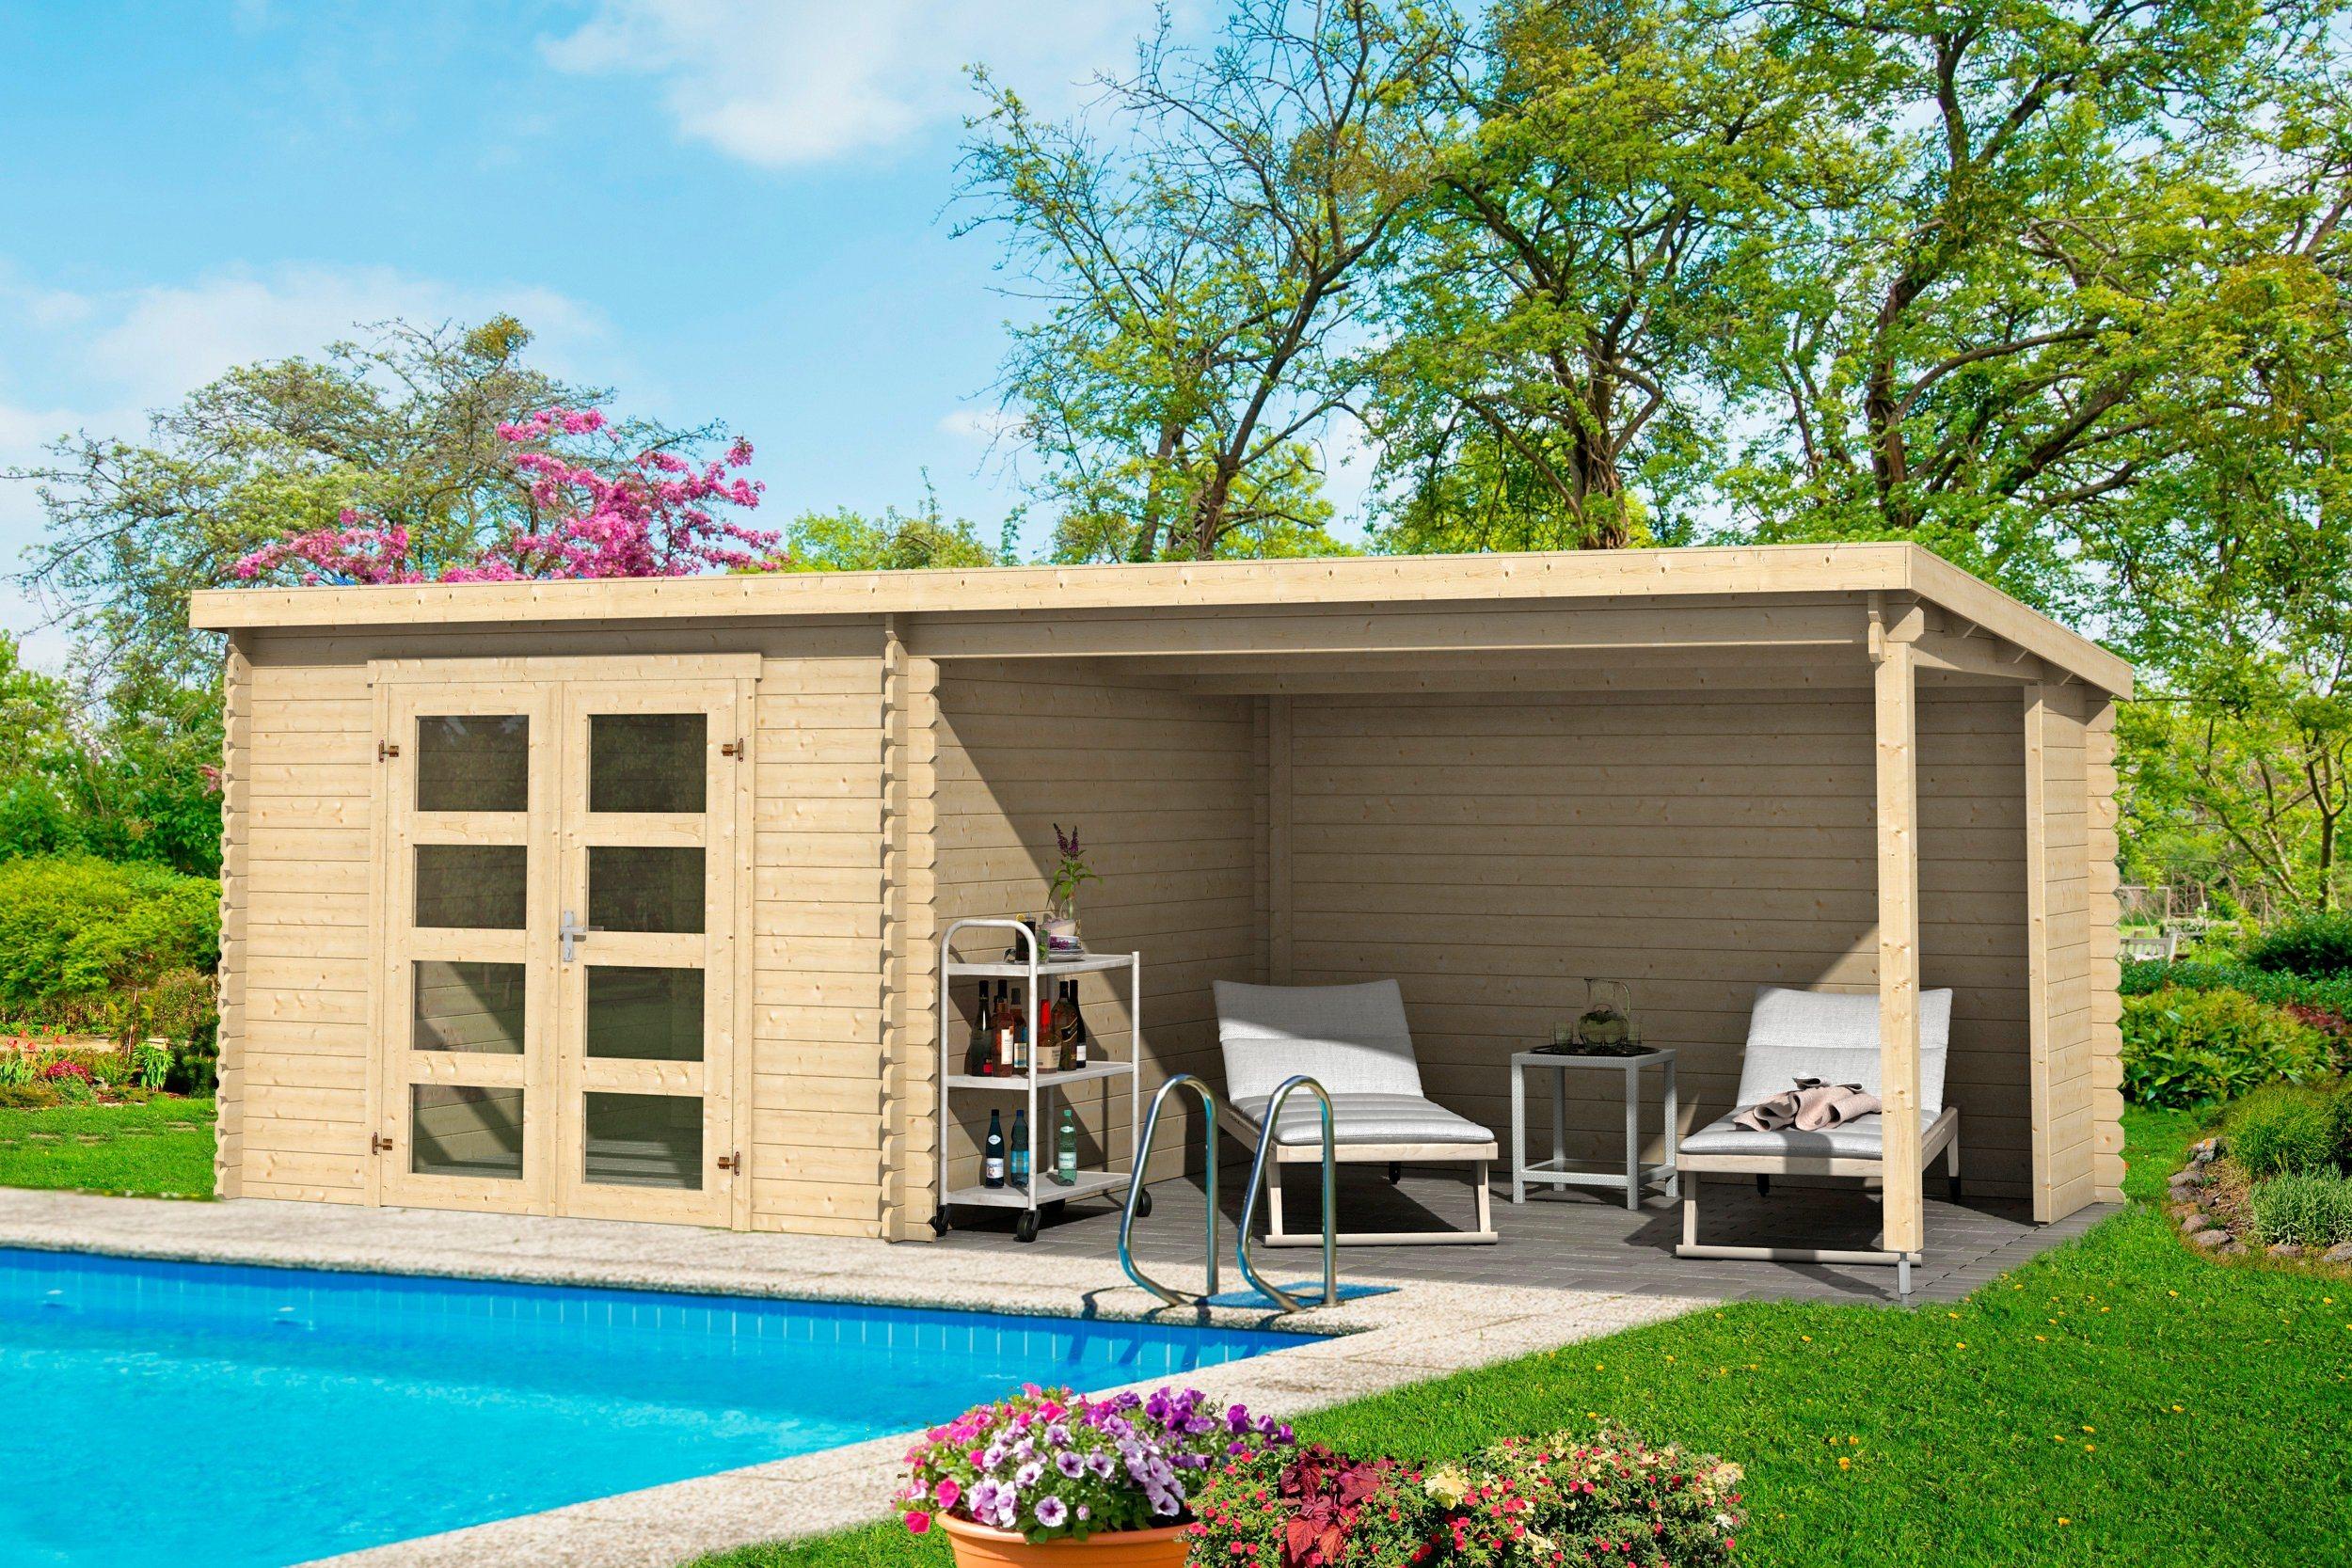 Gartenhaus »Novia 275«, Gesamtmaß (BxT): 620x295 cm | Garten > Gartenhäuser | Outdoor Life Products